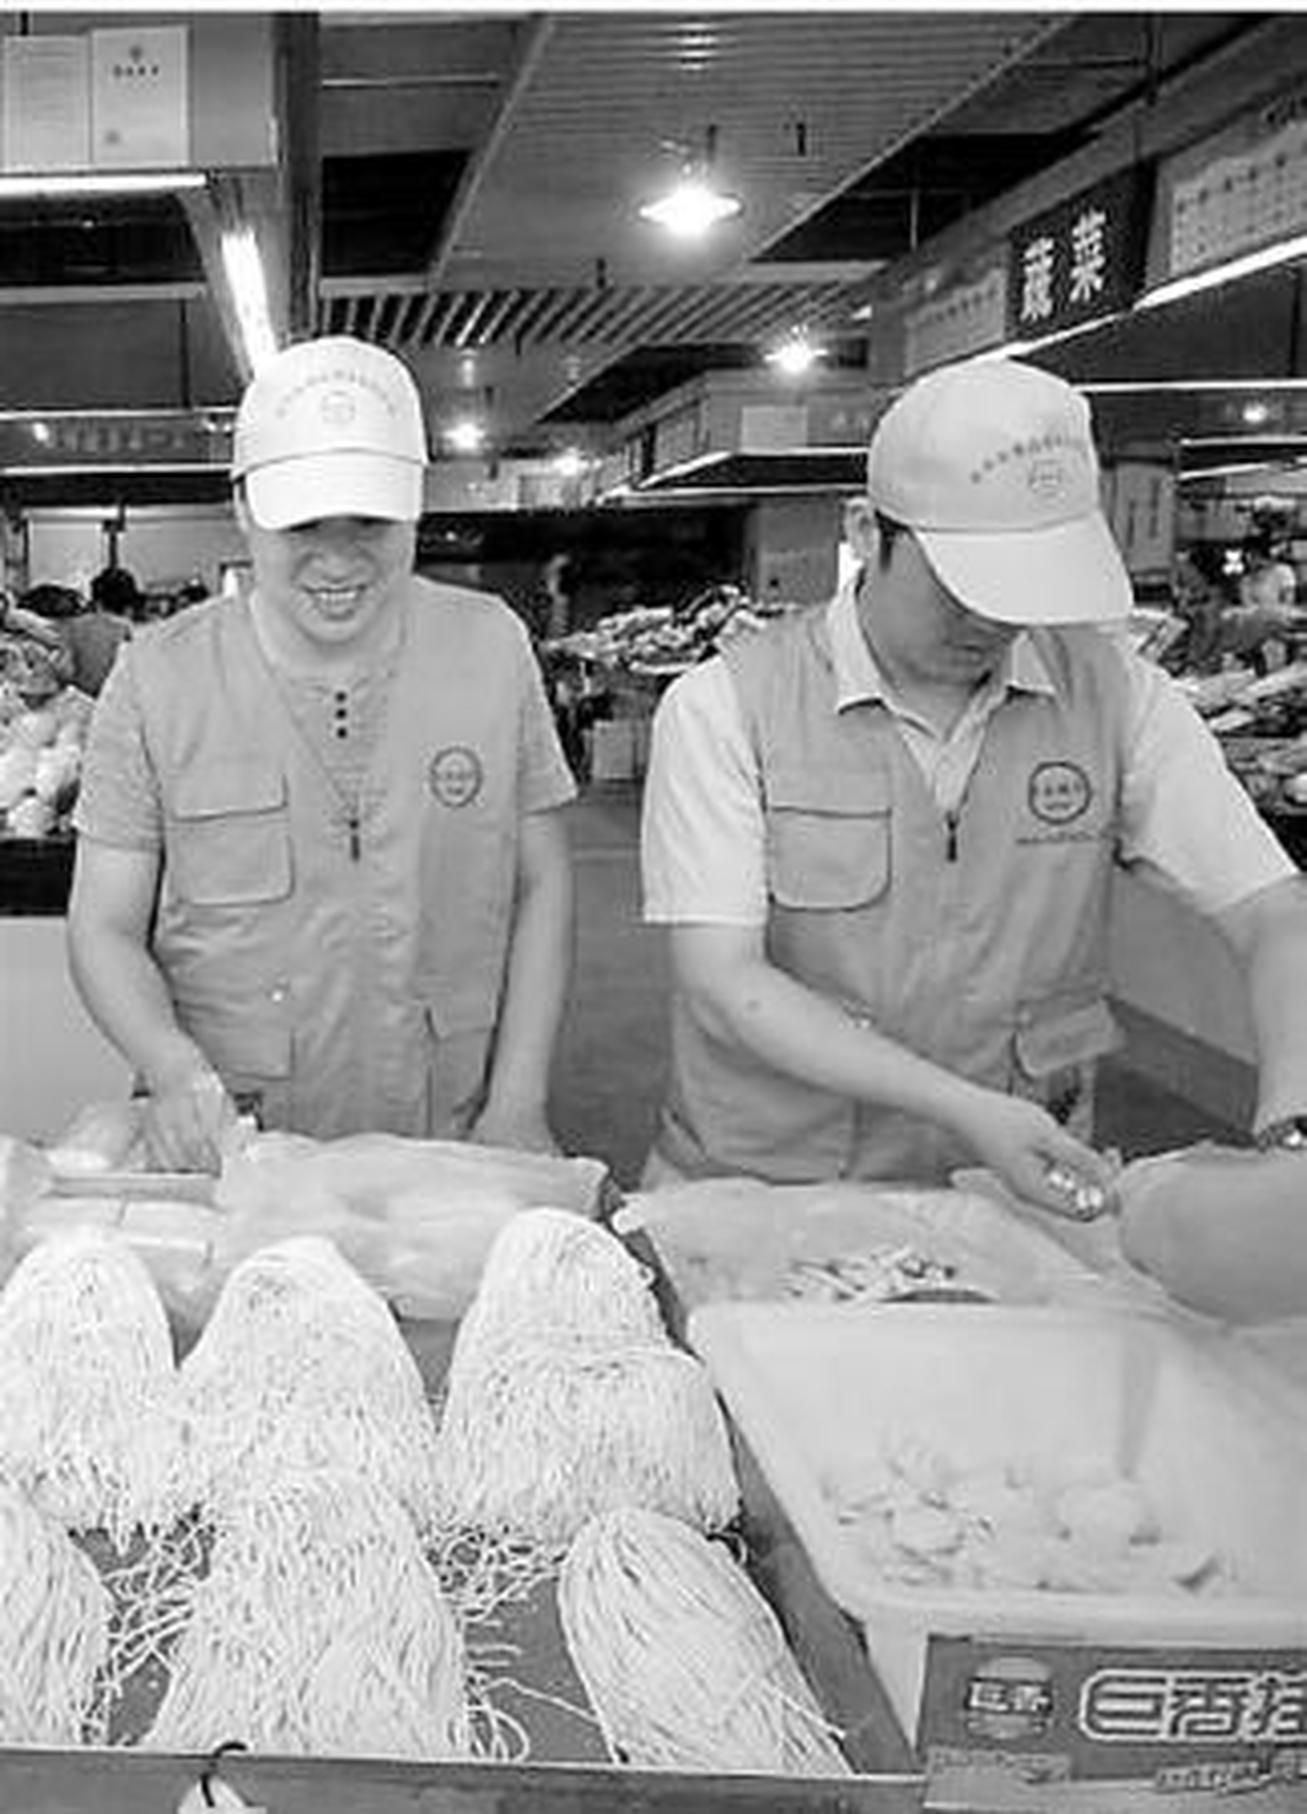 农贸市场的面条饺子皮安全吗?开发区食安办检给你看